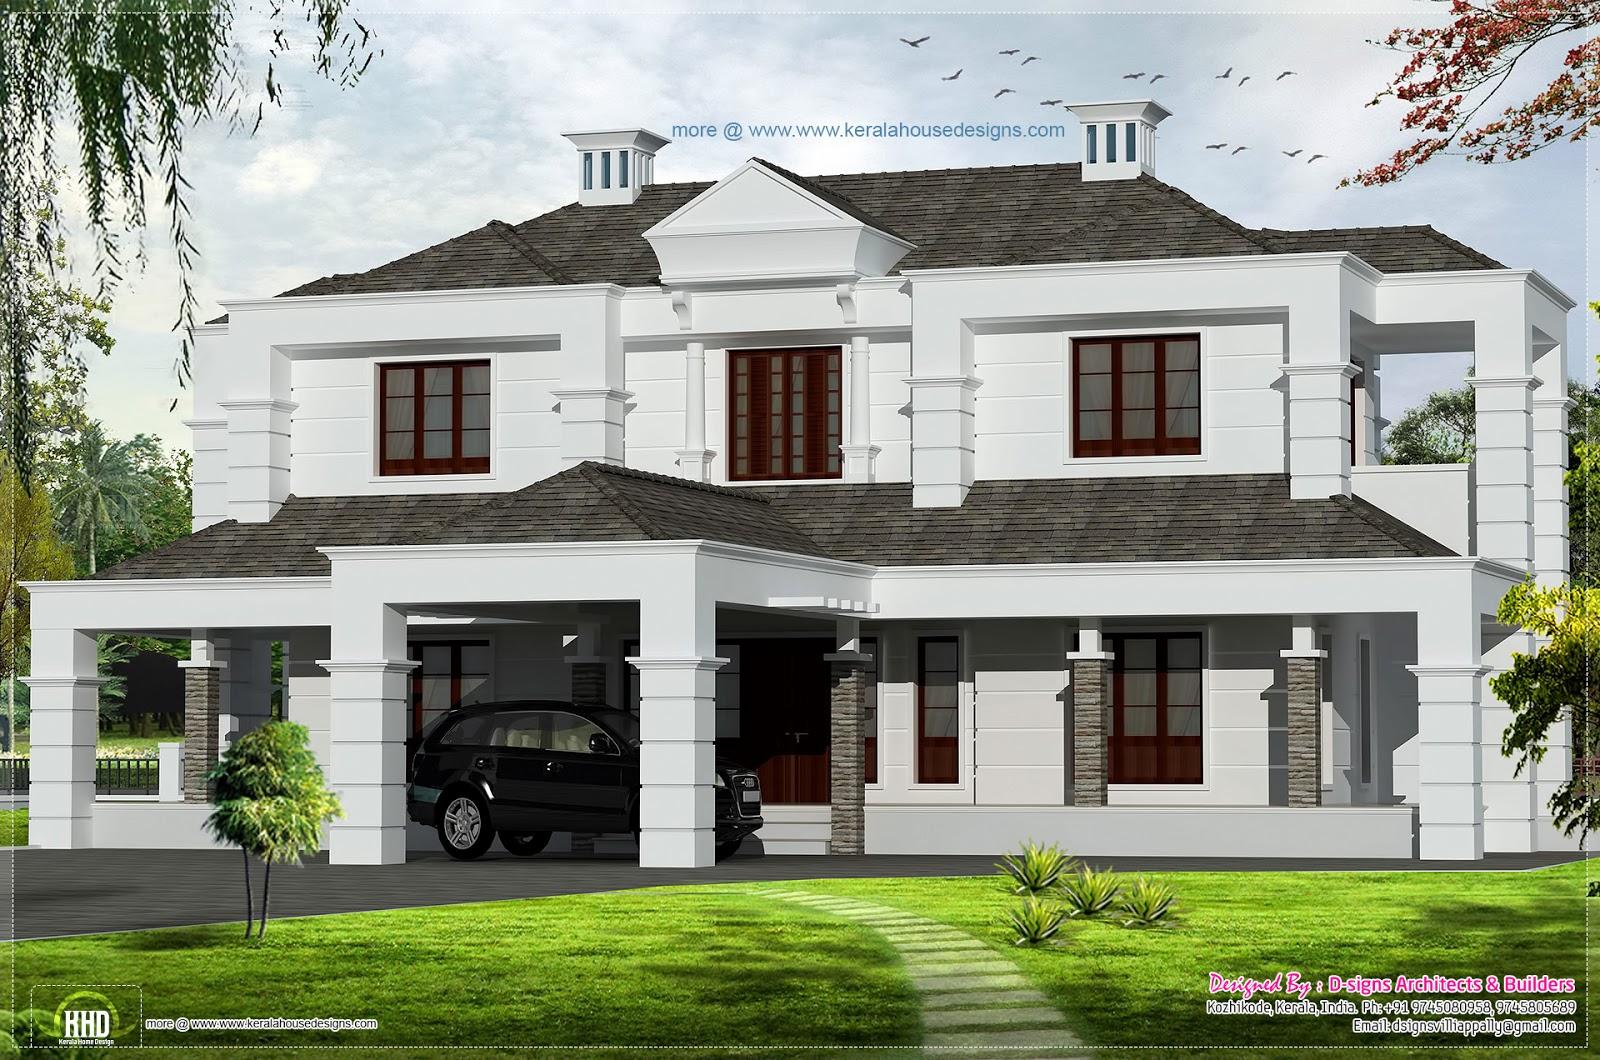 2600 villa exterior home kerala plans for Indian villa designs exterior photos